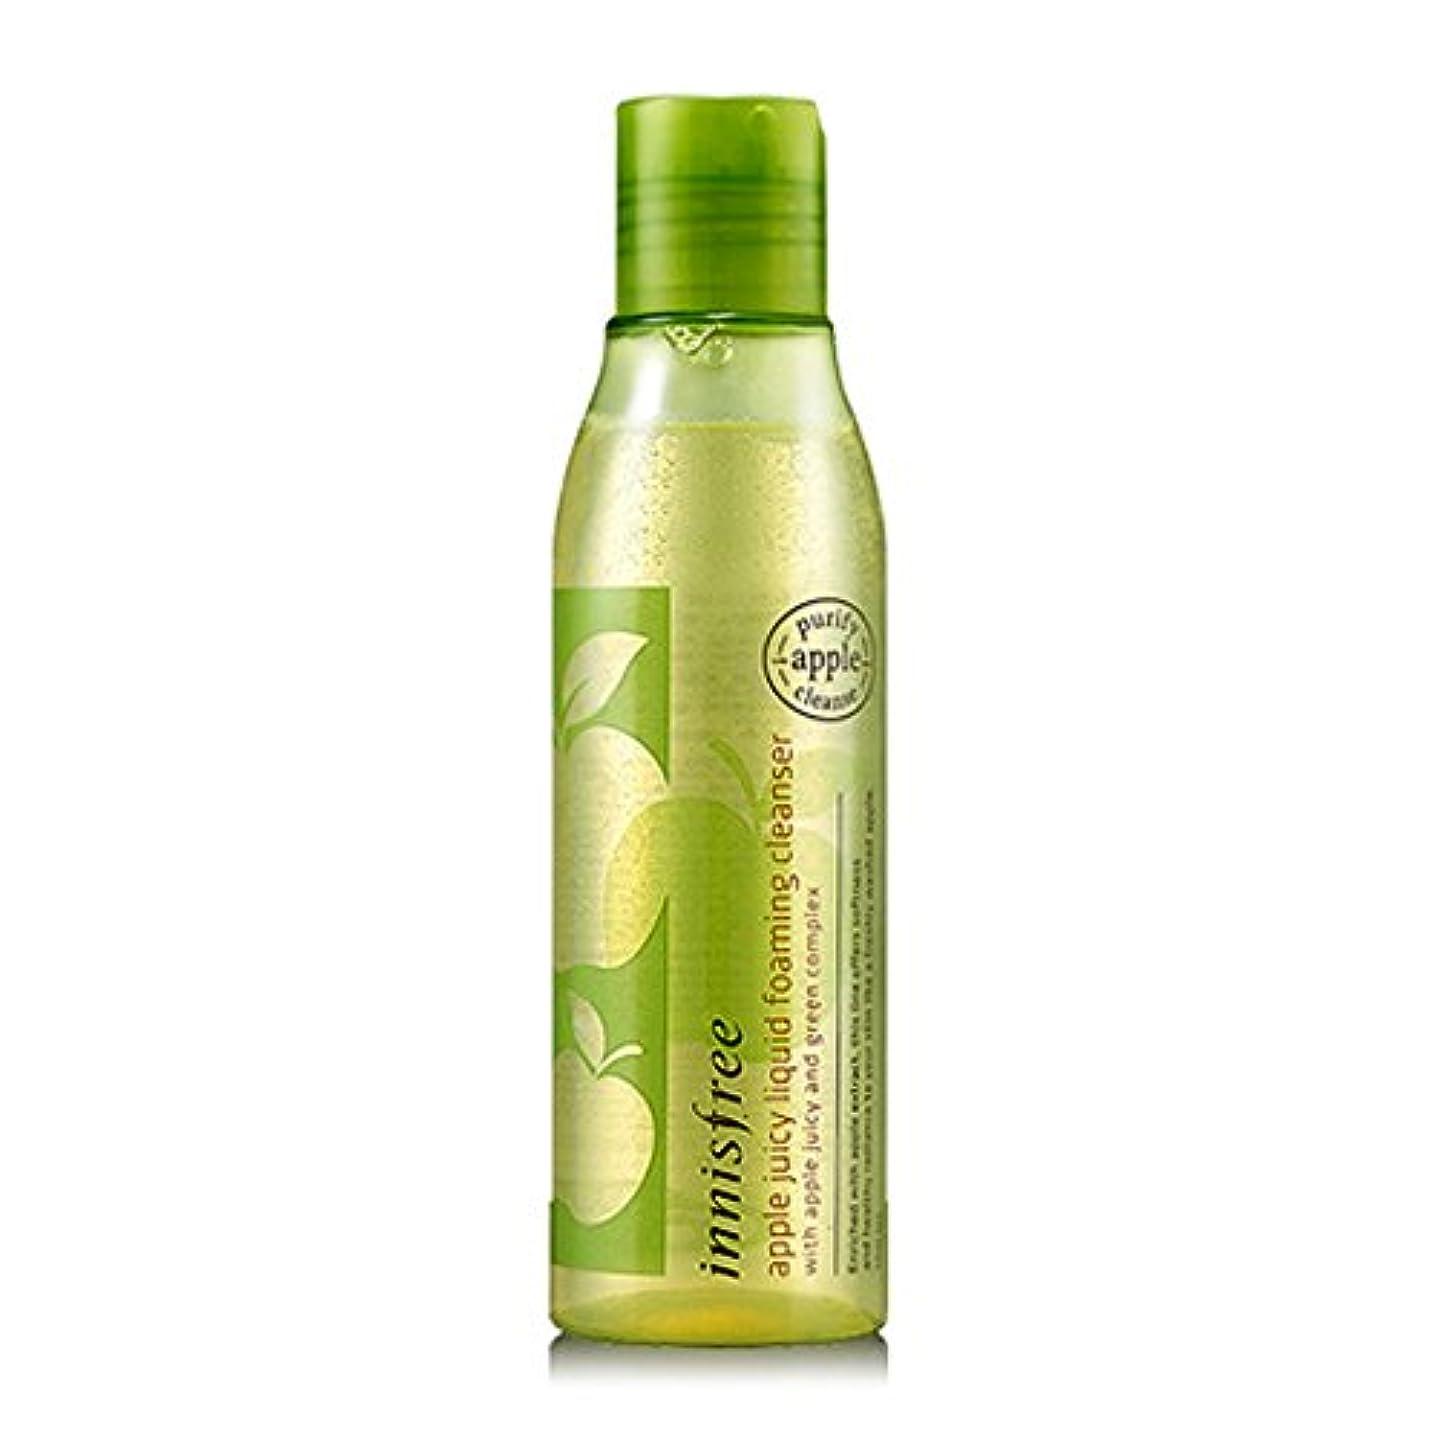 する建物文言[イニスフリー Innsfree] Apple Juicy Liquid Foaming Cleanser 150ml